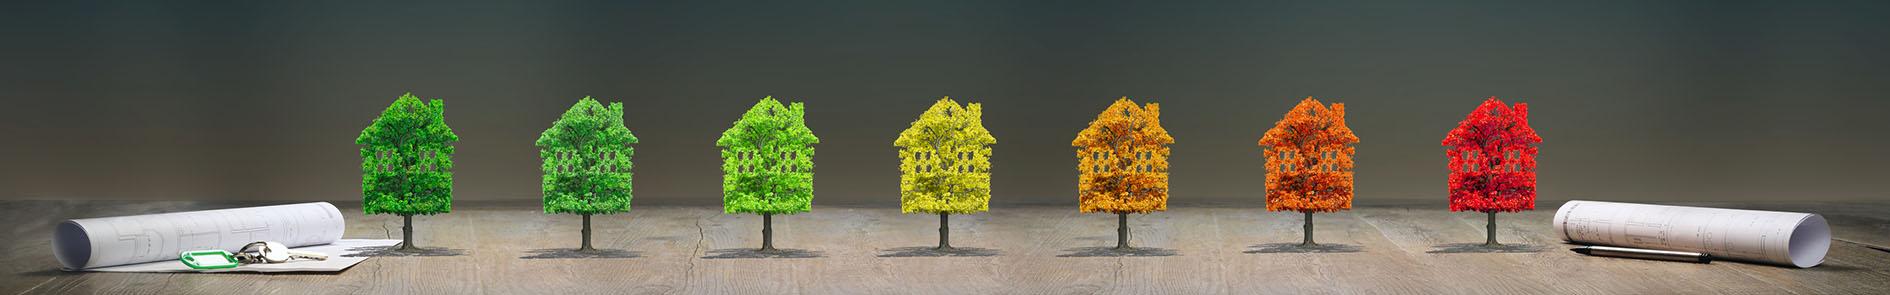 Energieeffizienzlabel für dezentrale Lüftung